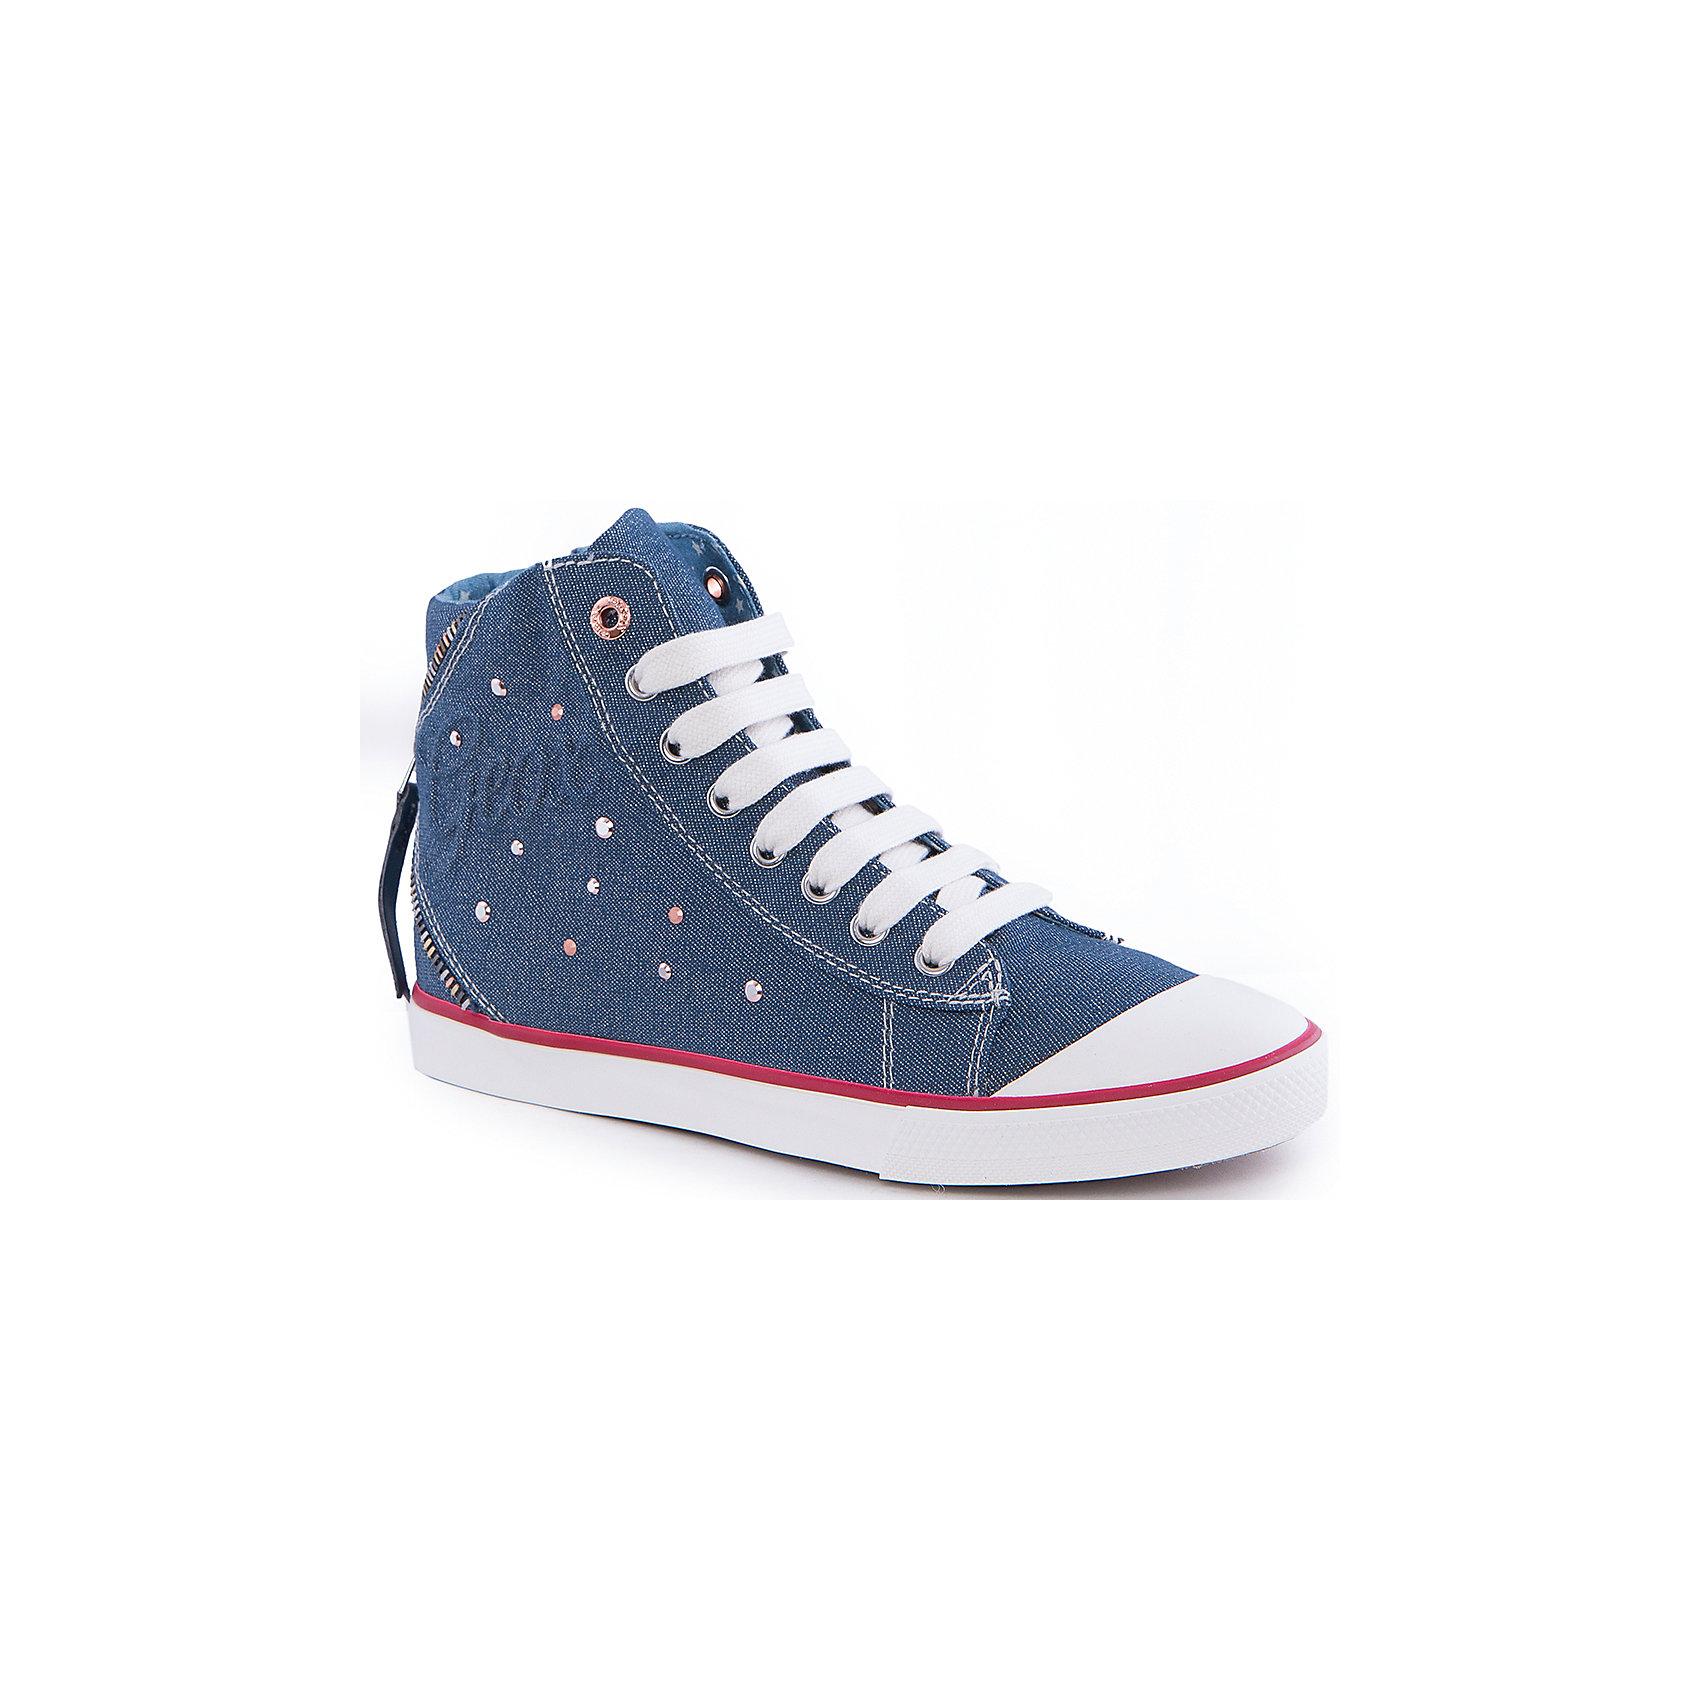 Кеды для девочки GeoxКеды для девочки от популярной марки GEOX (Геокс).<br><br>Модные легкие Кеды - отличная обувь для нового весеннего сезона. Модель очень стильно и оригинально смотрится.<br>Производитель обуви заботится не только о внешнем виде, но и стабильно высоком качестве продукции. GEOX (Геокс) разработал специальную дышащую подошву, которая не пропускает влагу внутрь, а также высокотехнологичную стельку.<br><br>Отличительные особенности модели:<br><br>- цвет: синий джинс;<br>- декорированы белыми и красными элементами;<br>- гибкая водоотталкивающая подошва с дышащей мембраной;<br>- мягкий и легкий верх;<br>- защита пальцев;<br>- стильный дизайн;<br>- удобная шнуровка и молния;<br>- комфортное облегание;<br>- верх обуви и подкладка сделаны без использования хрома.<br><br>Дополнительная информация:<br><br>- Температурный режим: от +10° С до 25° С.<br><br>- Состав:<br><br>материал верха: текстиль, синтетический материал<br>материал подкладки: текстиль<br>подошва: 100% резина<br><br>Кеды для девочки GEOX (Геокс) (Геокс) можно купить в нашем магазине.<br><br>Ширина мм: 250<br>Глубина мм: 150<br>Высота мм: 150<br>Вес г: 250<br>Цвет: синий<br>Возраст от месяцев: 48<br>Возраст до месяцев: 60<br>Пол: Женский<br>Возраст: Детский<br>Размер: 28,38,37,36,35,30,32,34,31,39,33,29<br>SKU: 4519402